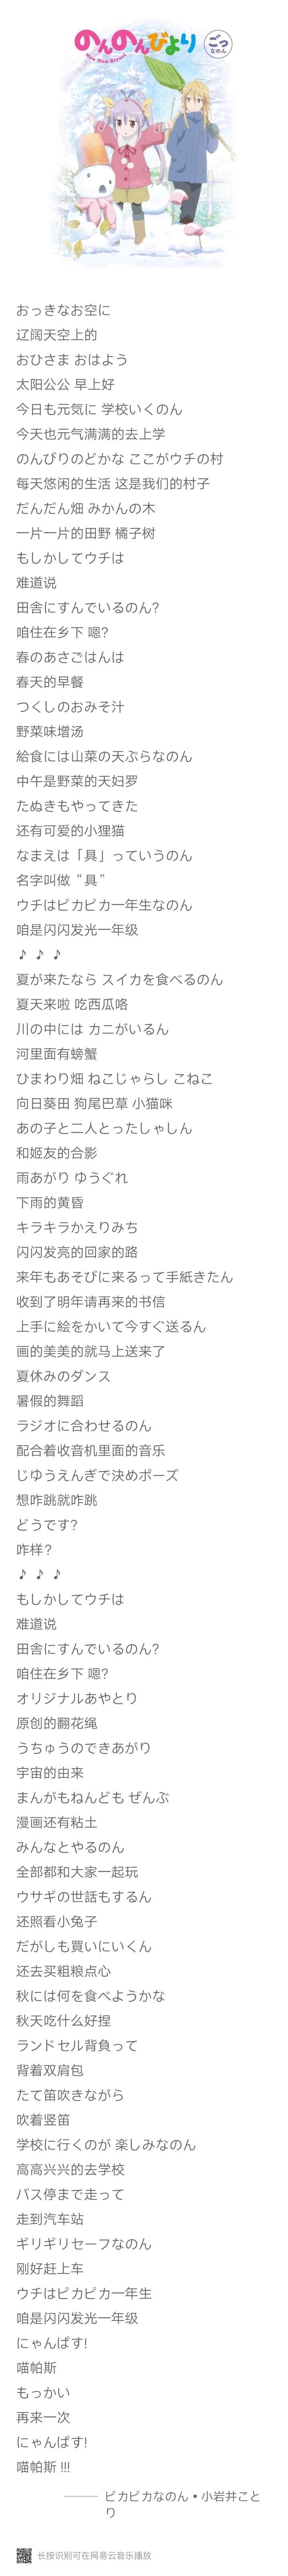 【音乐】悠哉日常大王第5卷 主题歌